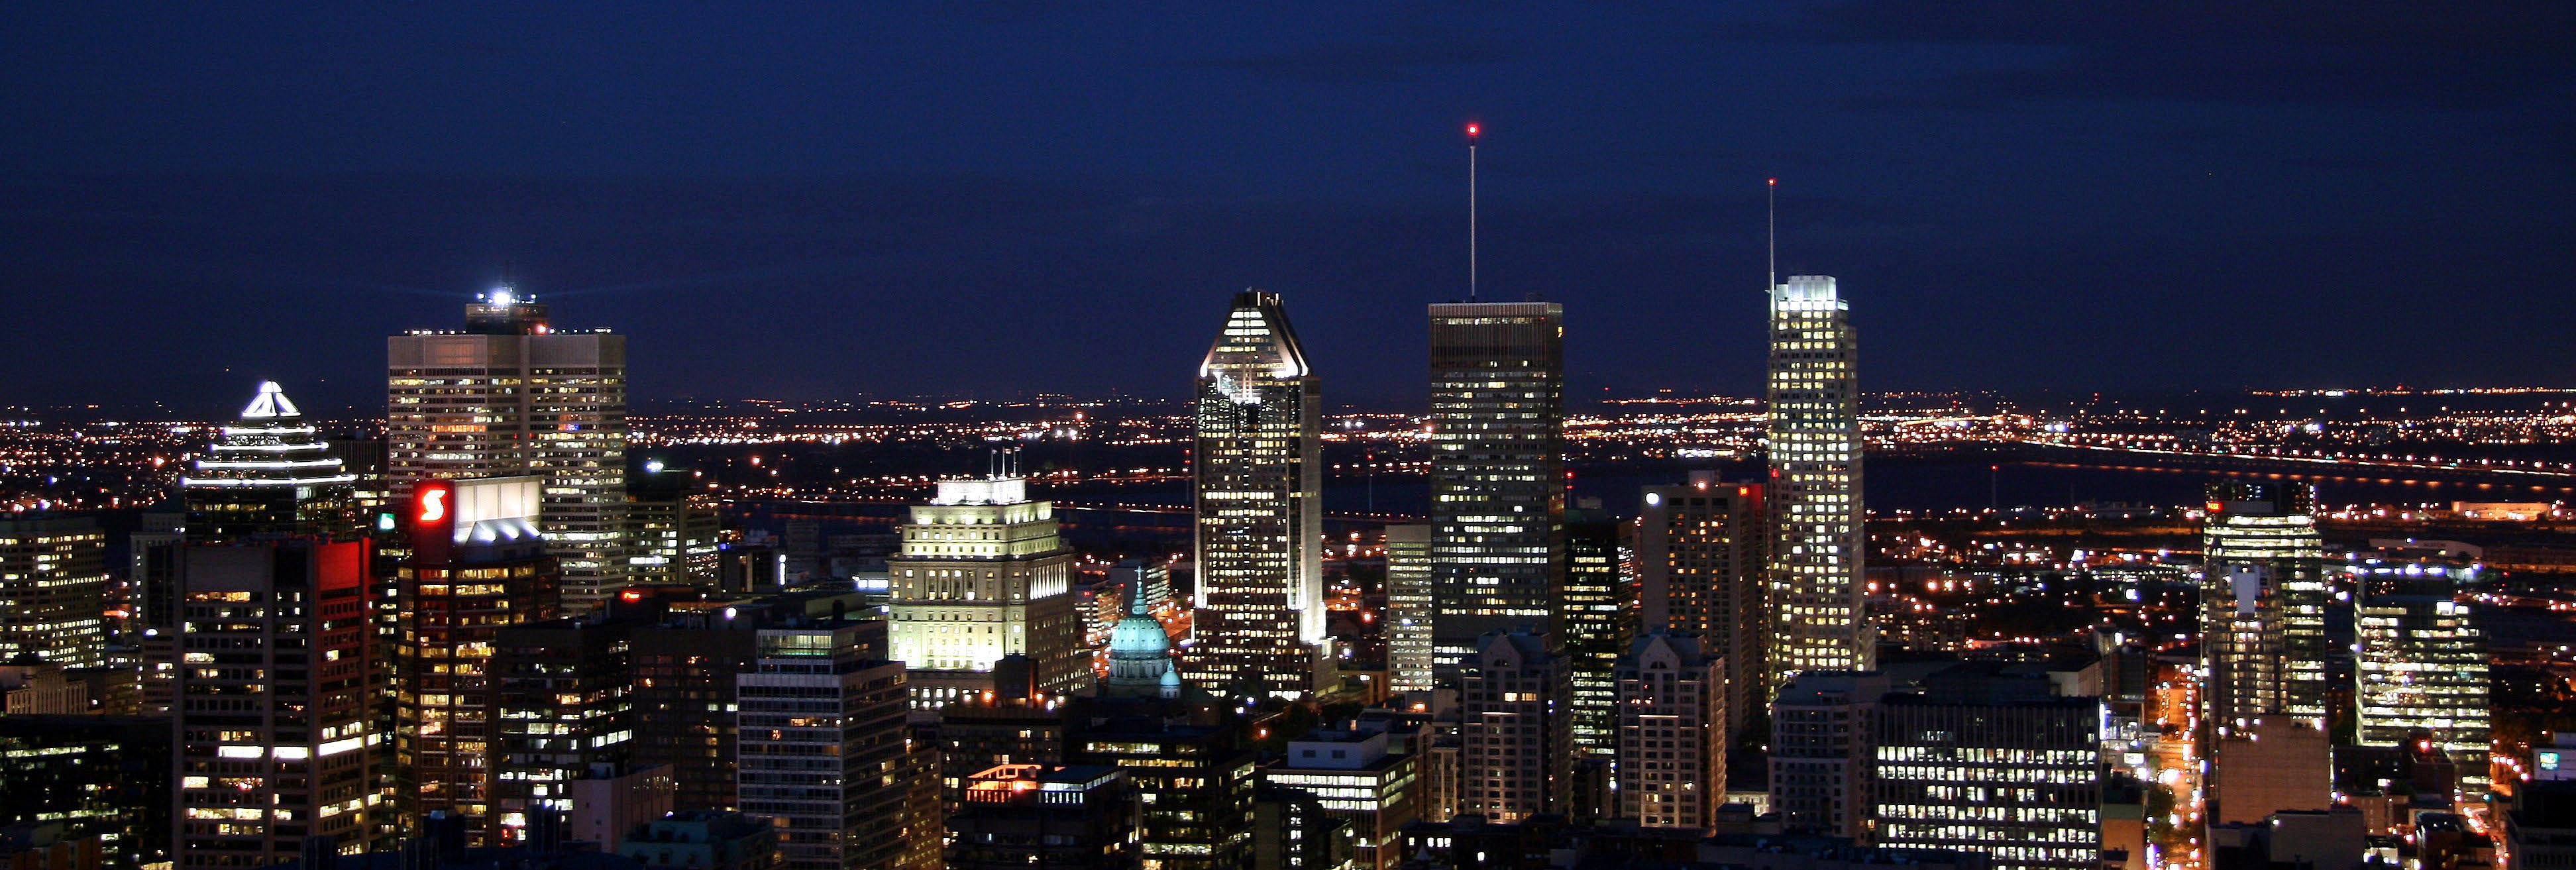 கனடா Montreal_skyline_night